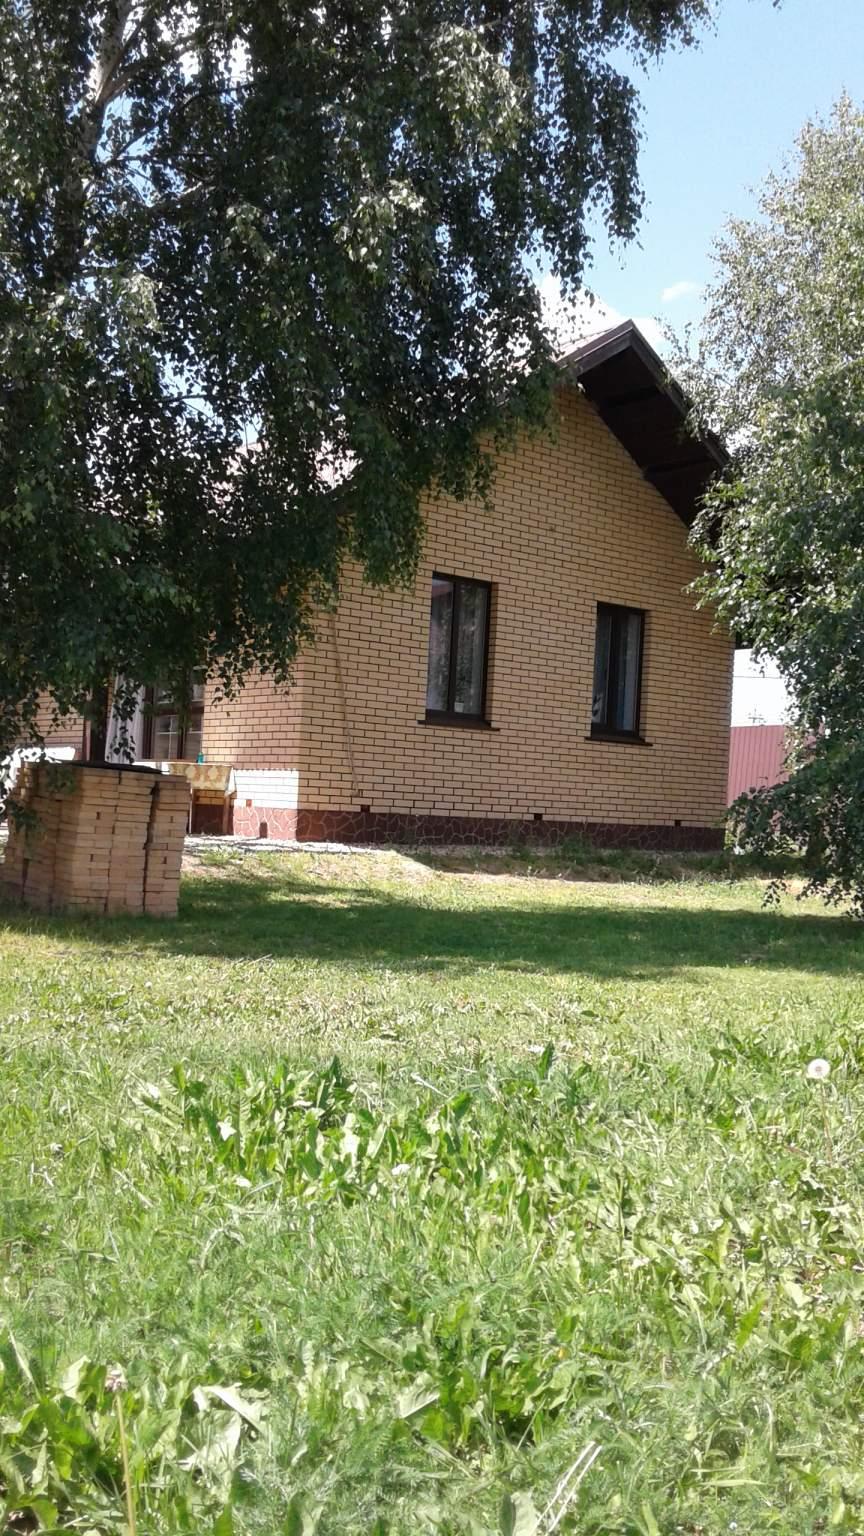 Дом на продажу по адресу Россия, Московская обл, деревня Селятино, Полянка улица, 9